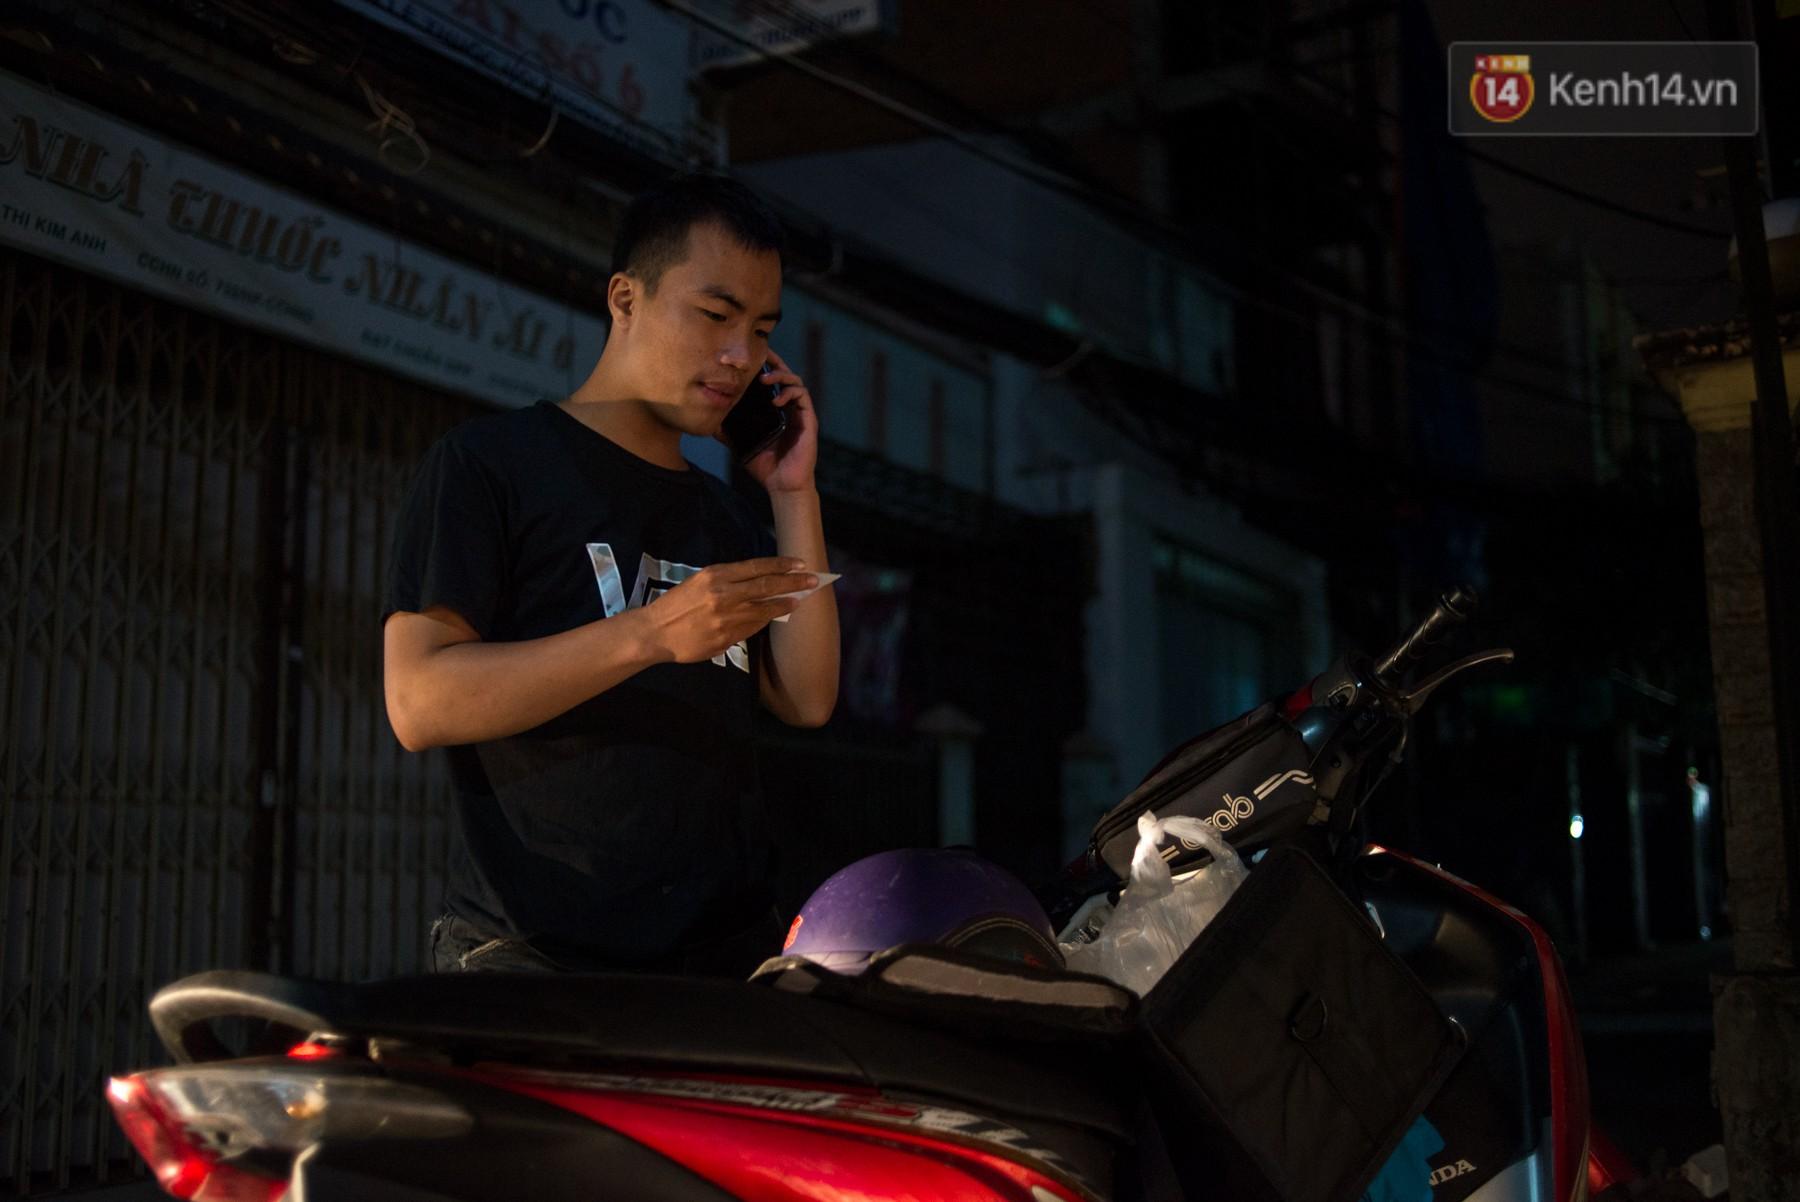 Dịch vụ giao thức ăn đêm ở Sài Gòn tăng cường hoạt động đến gần 3h sáng trong mùa World Cup - Ảnh 13.